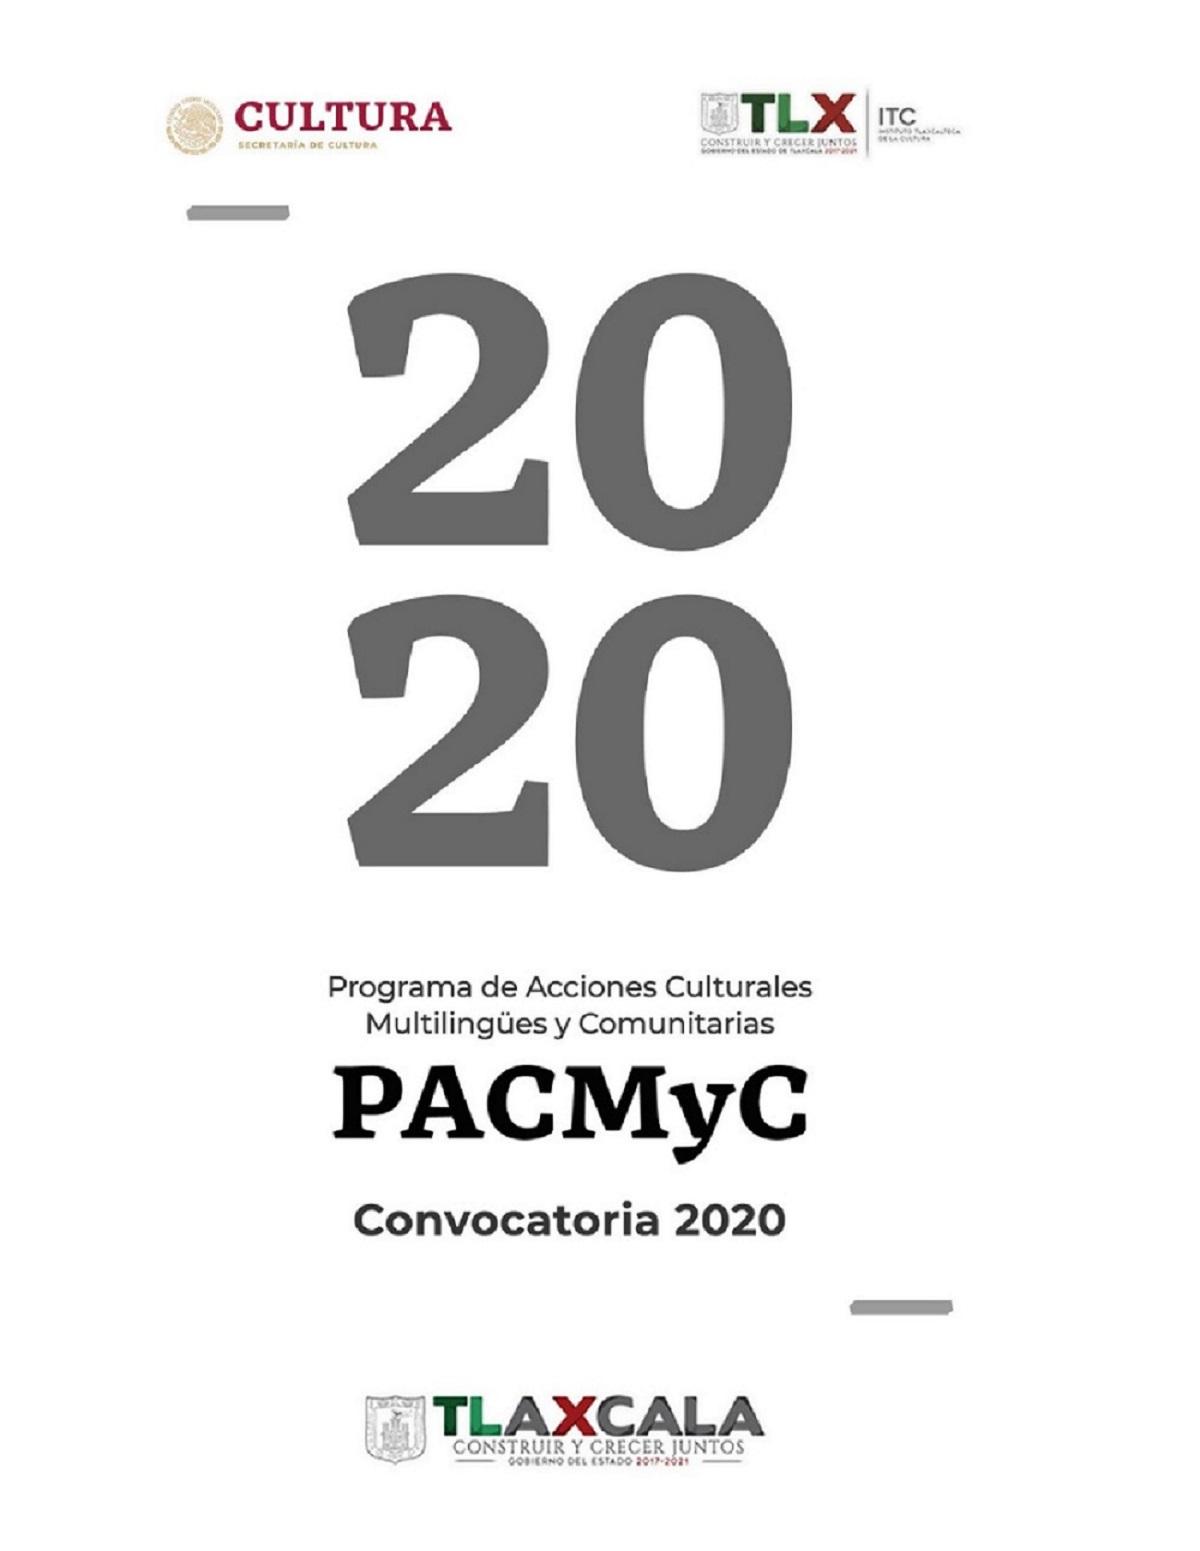 ABRE ITC CONVOCATORIA PACMYC 2020